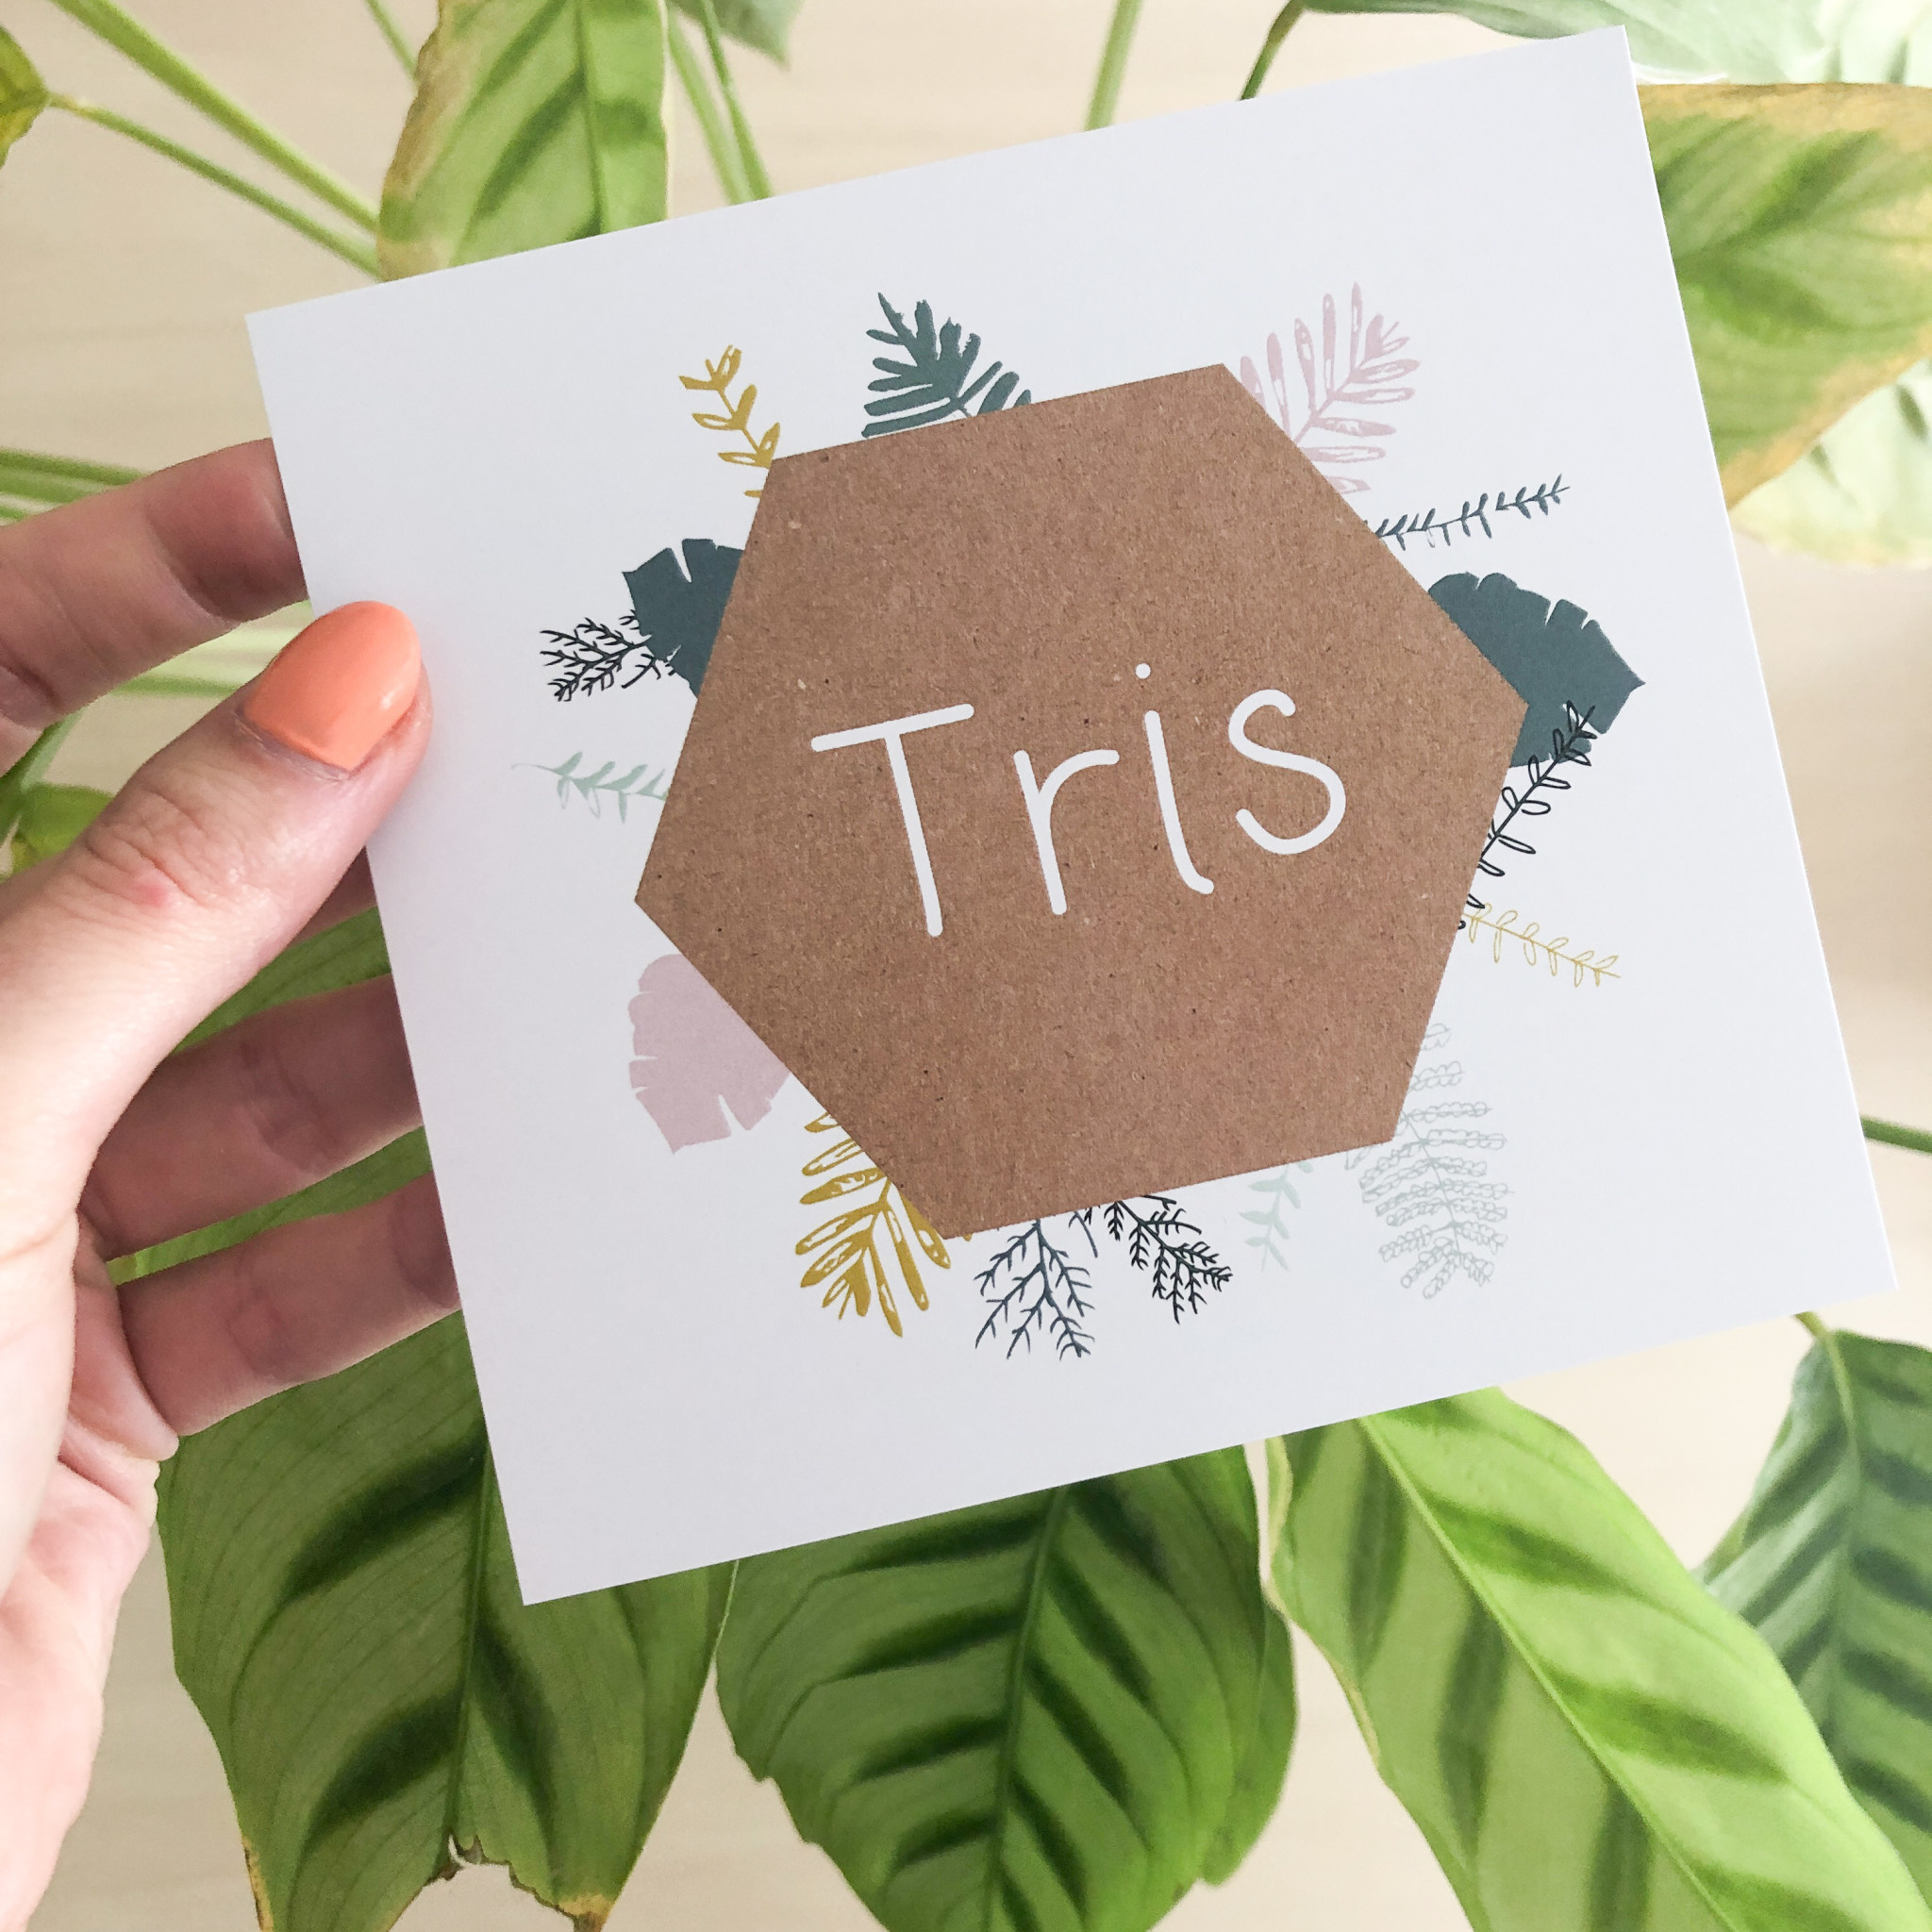 geboren_07-08 Tris